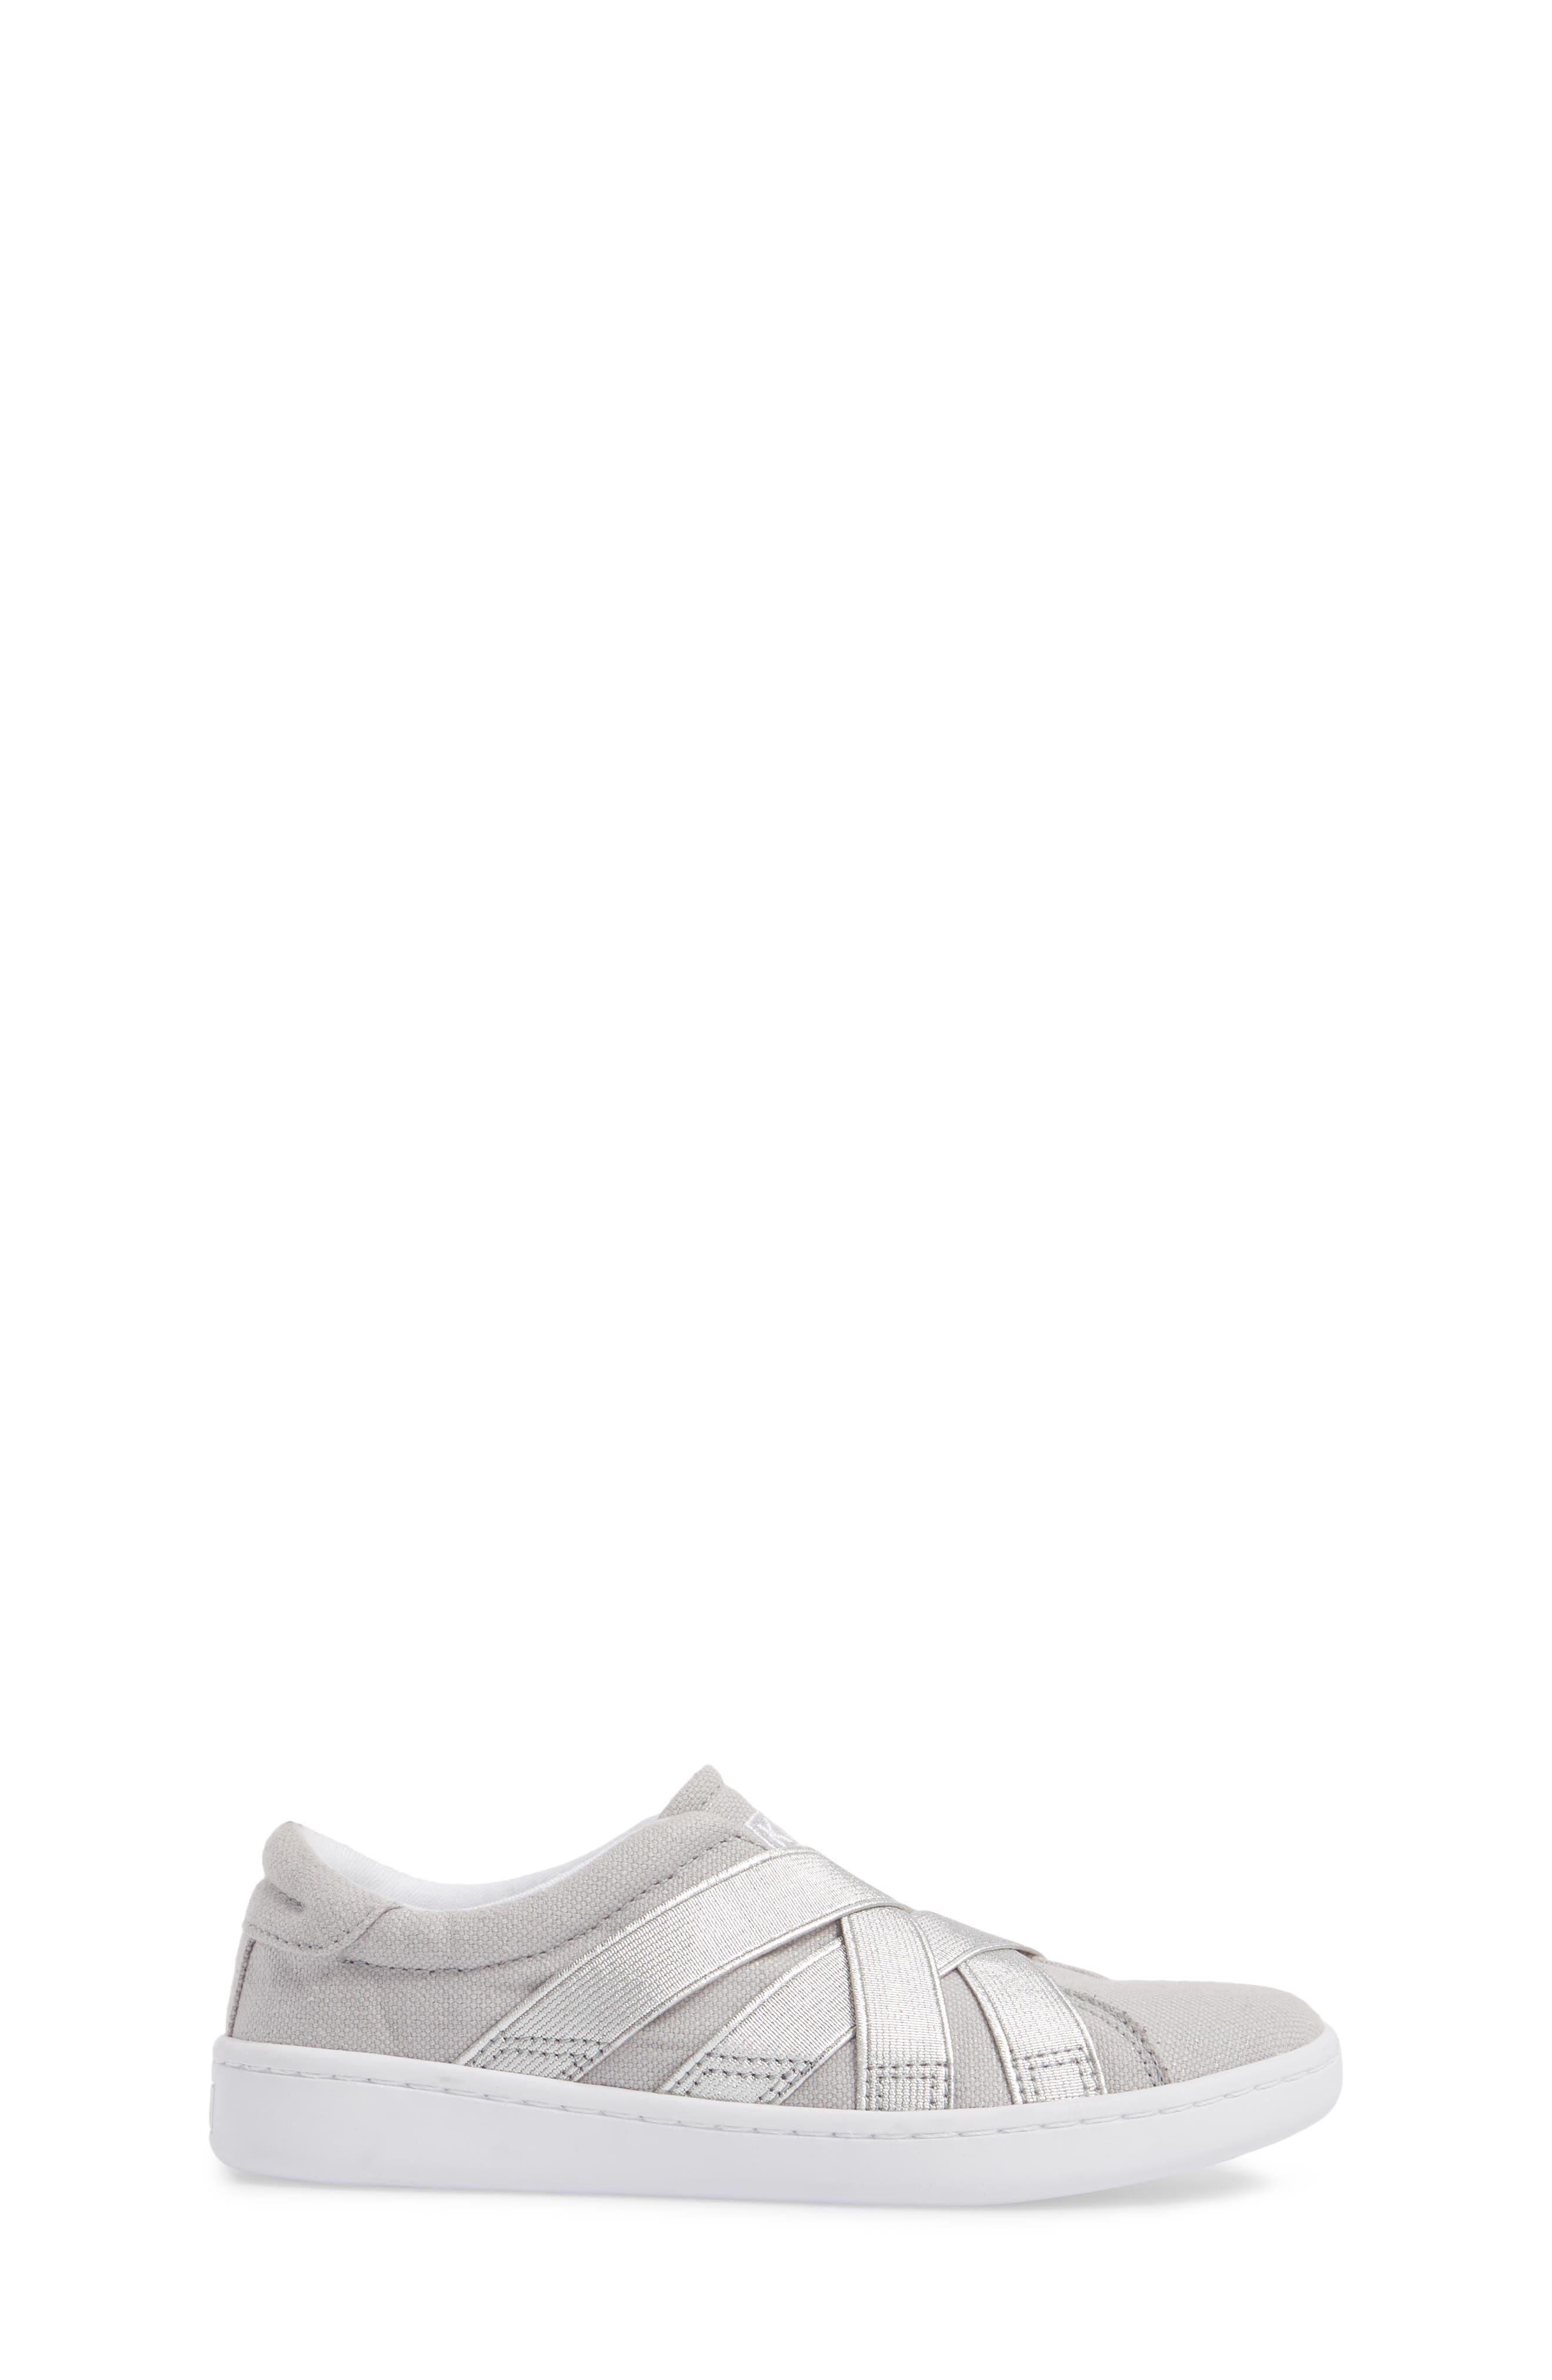 Ace Slip-on Sneaker,                             Alternate thumbnail 3, color,